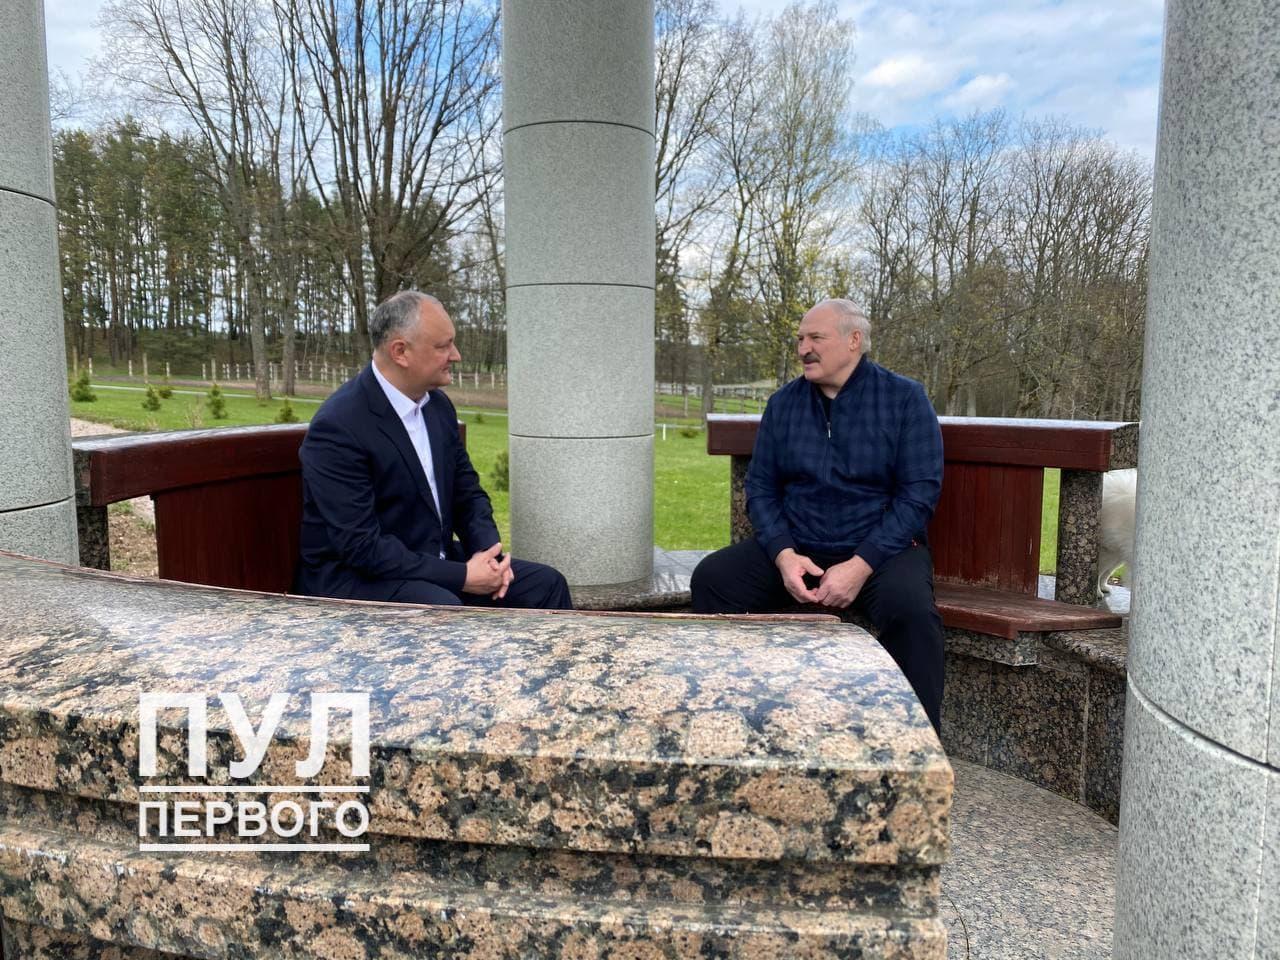 Игорь Додон проводит неформальную встречу с Александром Лукашенко (ФОТО)